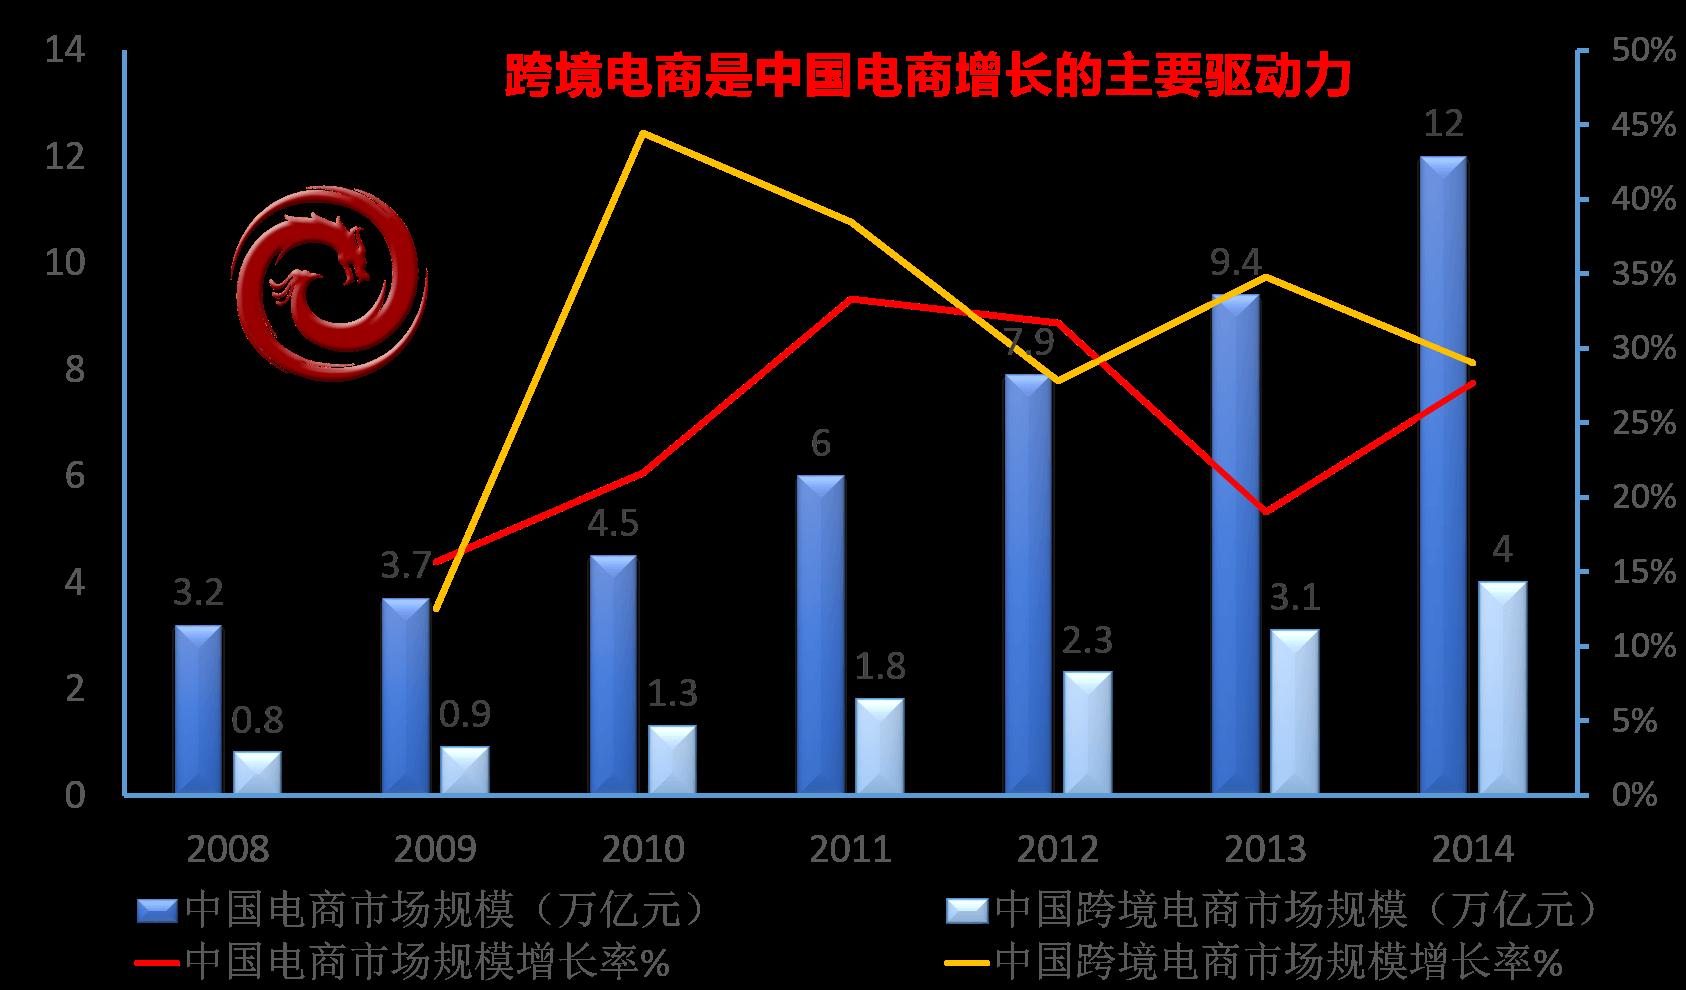 中国跨境电商平台解决方案